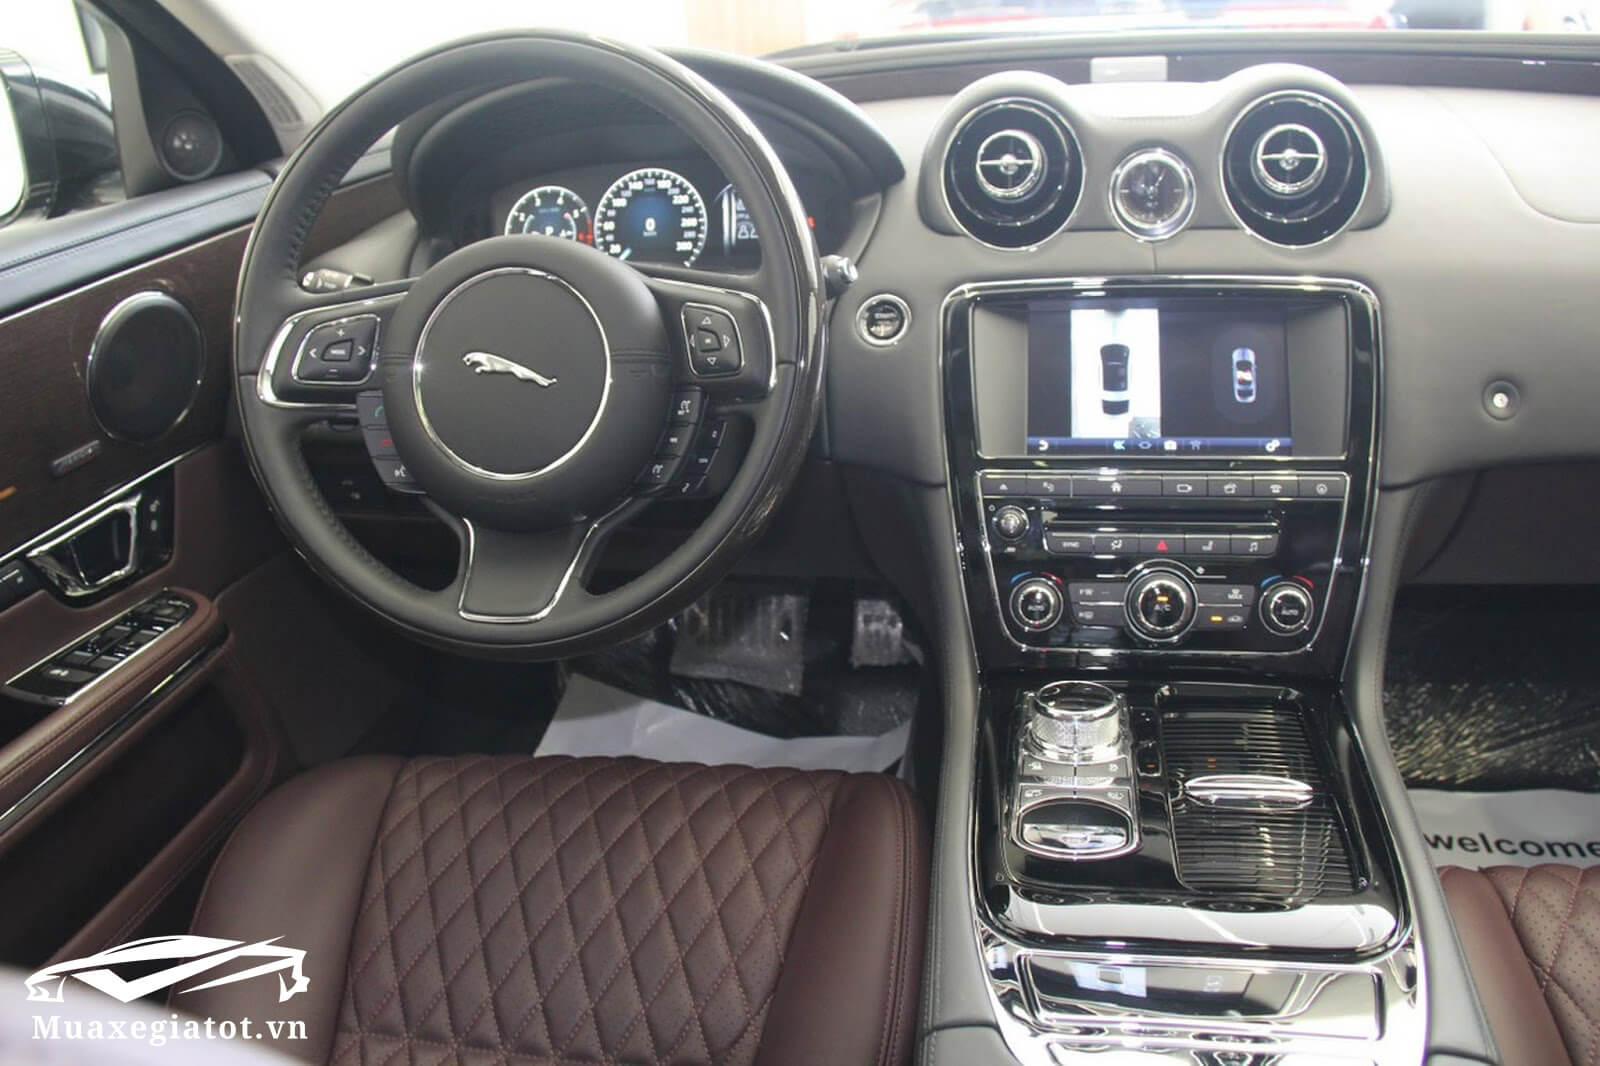 jaguar xjl 5 0 l autobiography muaxegiatot 21 - Đánh giá xe Jaguar XJ 2021 – Mẫu xe thực thụ, xa xỉ